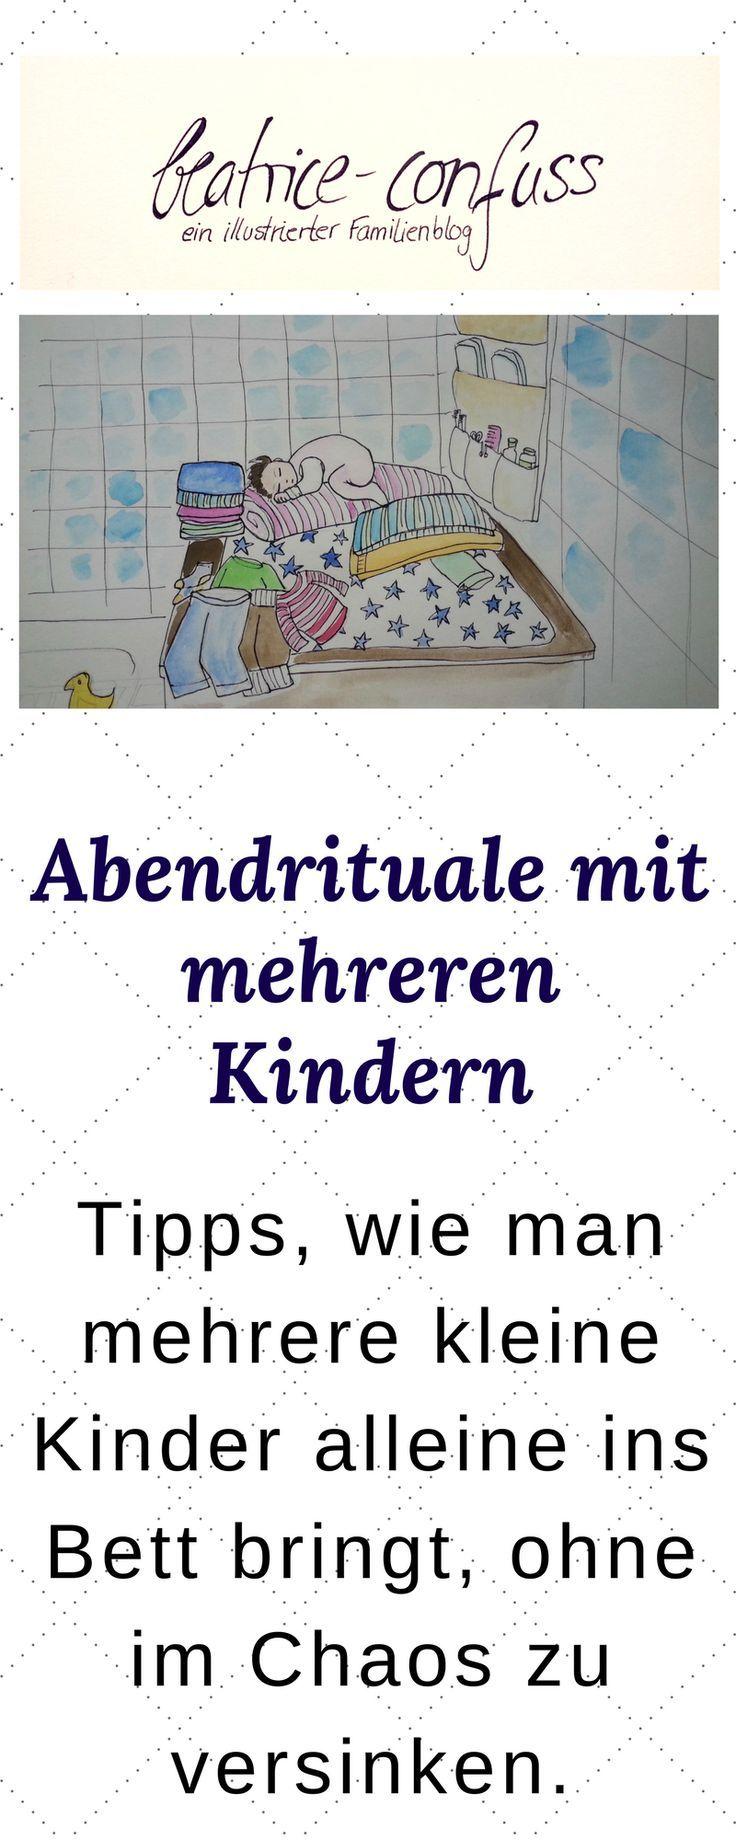 Wie man entspannt mehrer Kinder alleine ins Bett bringt. Tipps, Ideen und Erfahrungen.